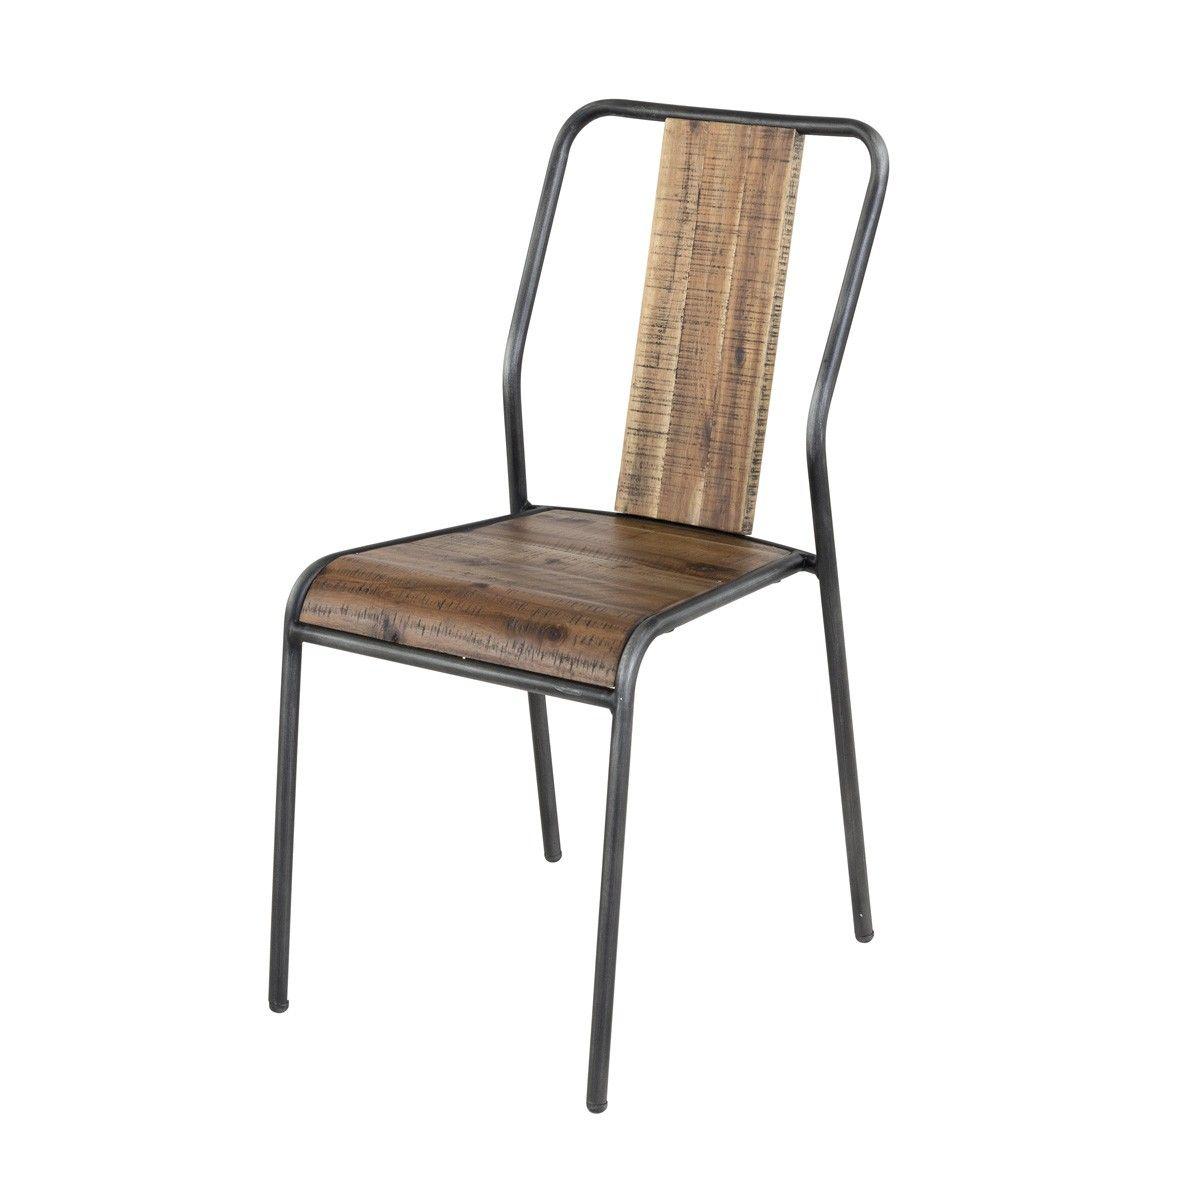 Chaise Bois Et Metal Industriel chaise bois et métal style industriel cusco lot de 4 | zago